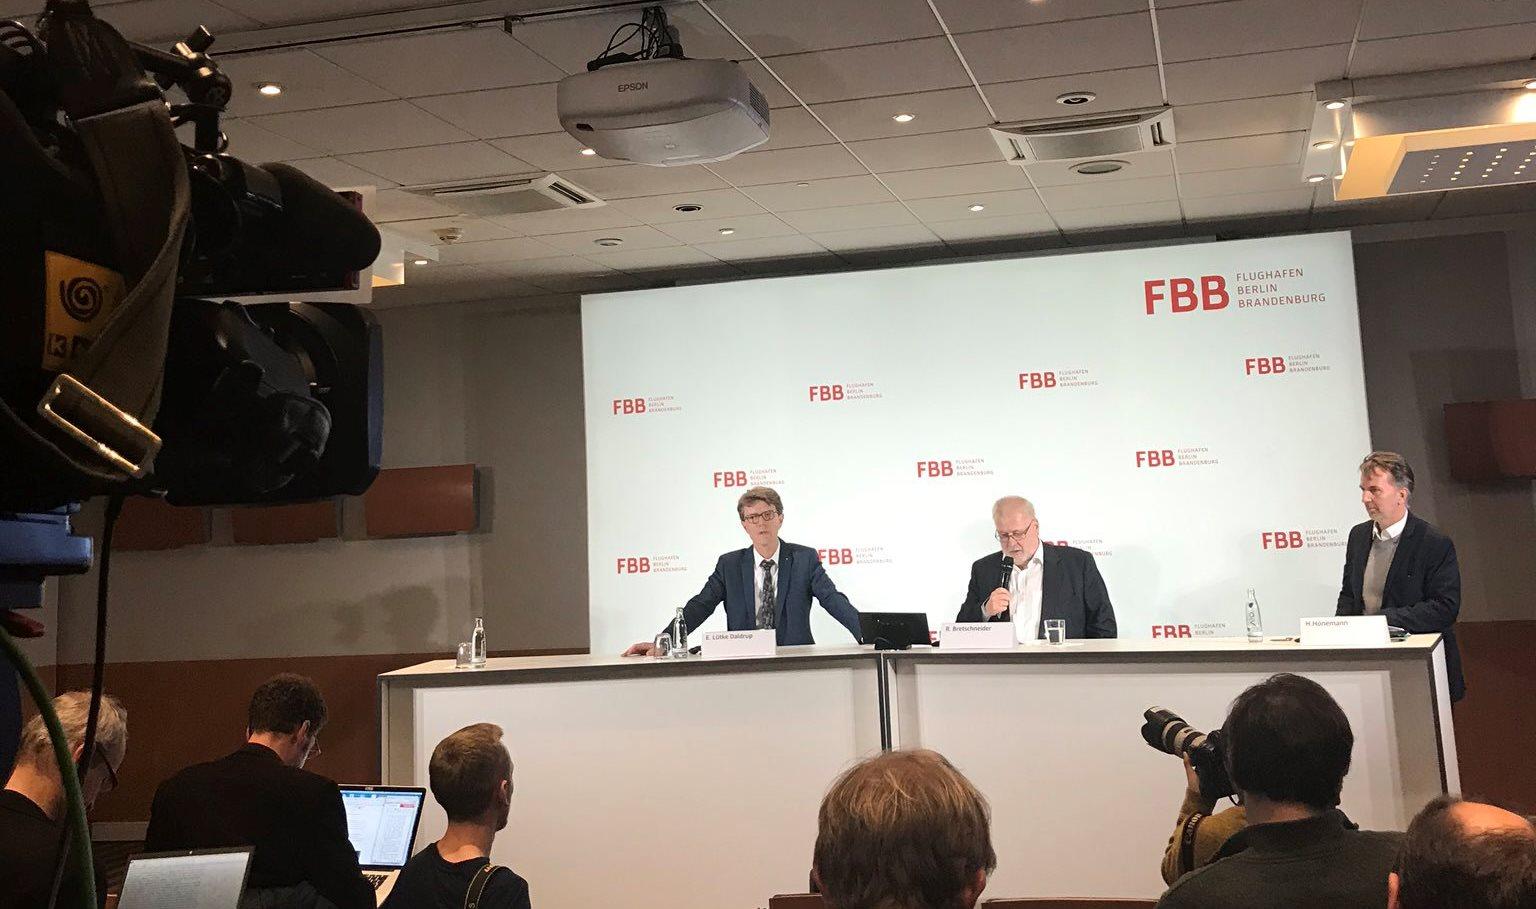 Åbningsdatoen for BER er blevet annonceret på et pressemøde. (Foto: BER | PR)